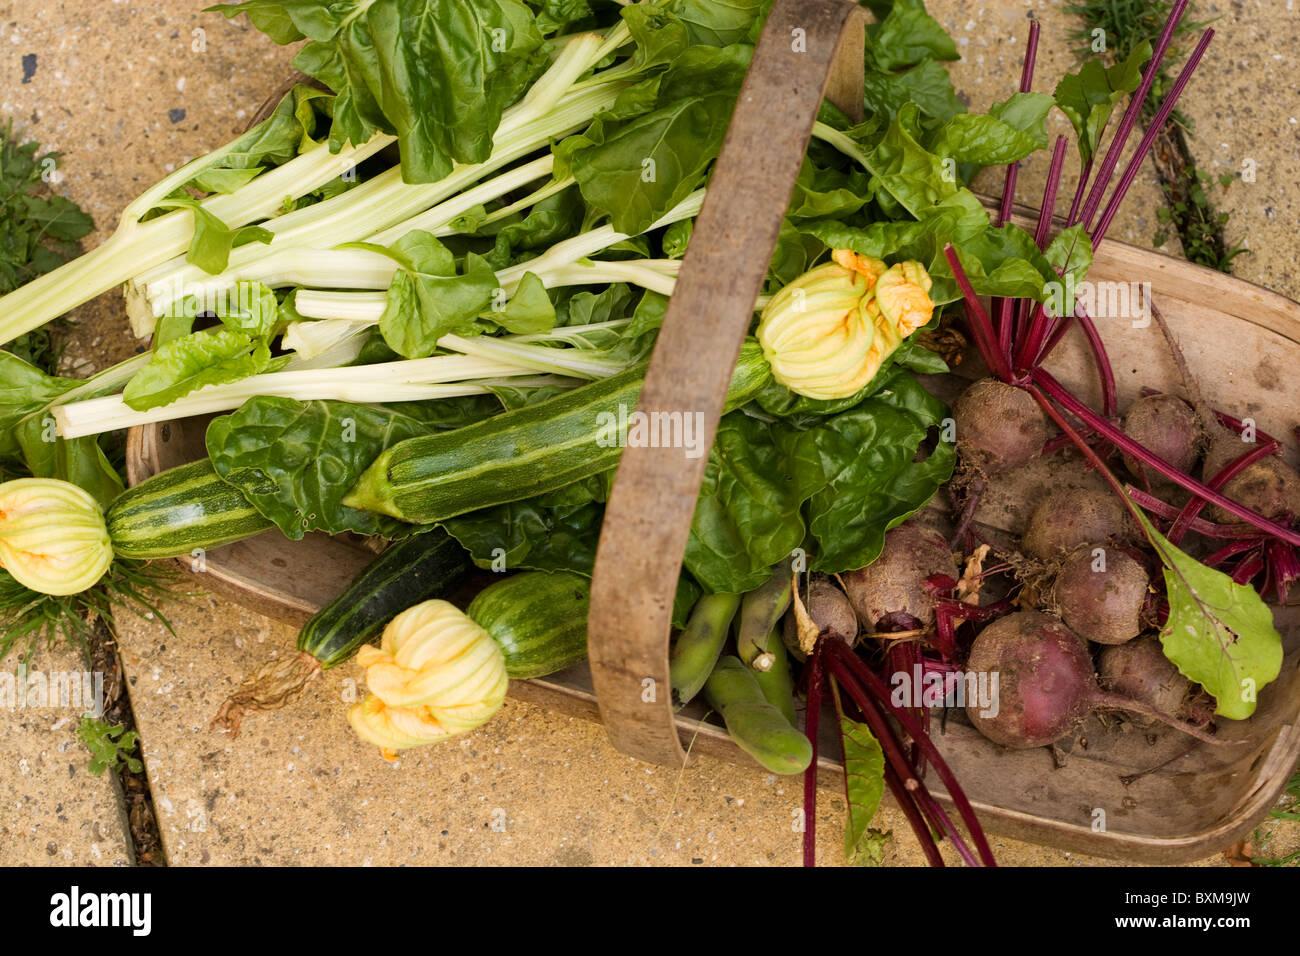 Trug der Frischwaren, Zucchini, rote Beete, Spinat, Mangold und Saubohnen Stockbild